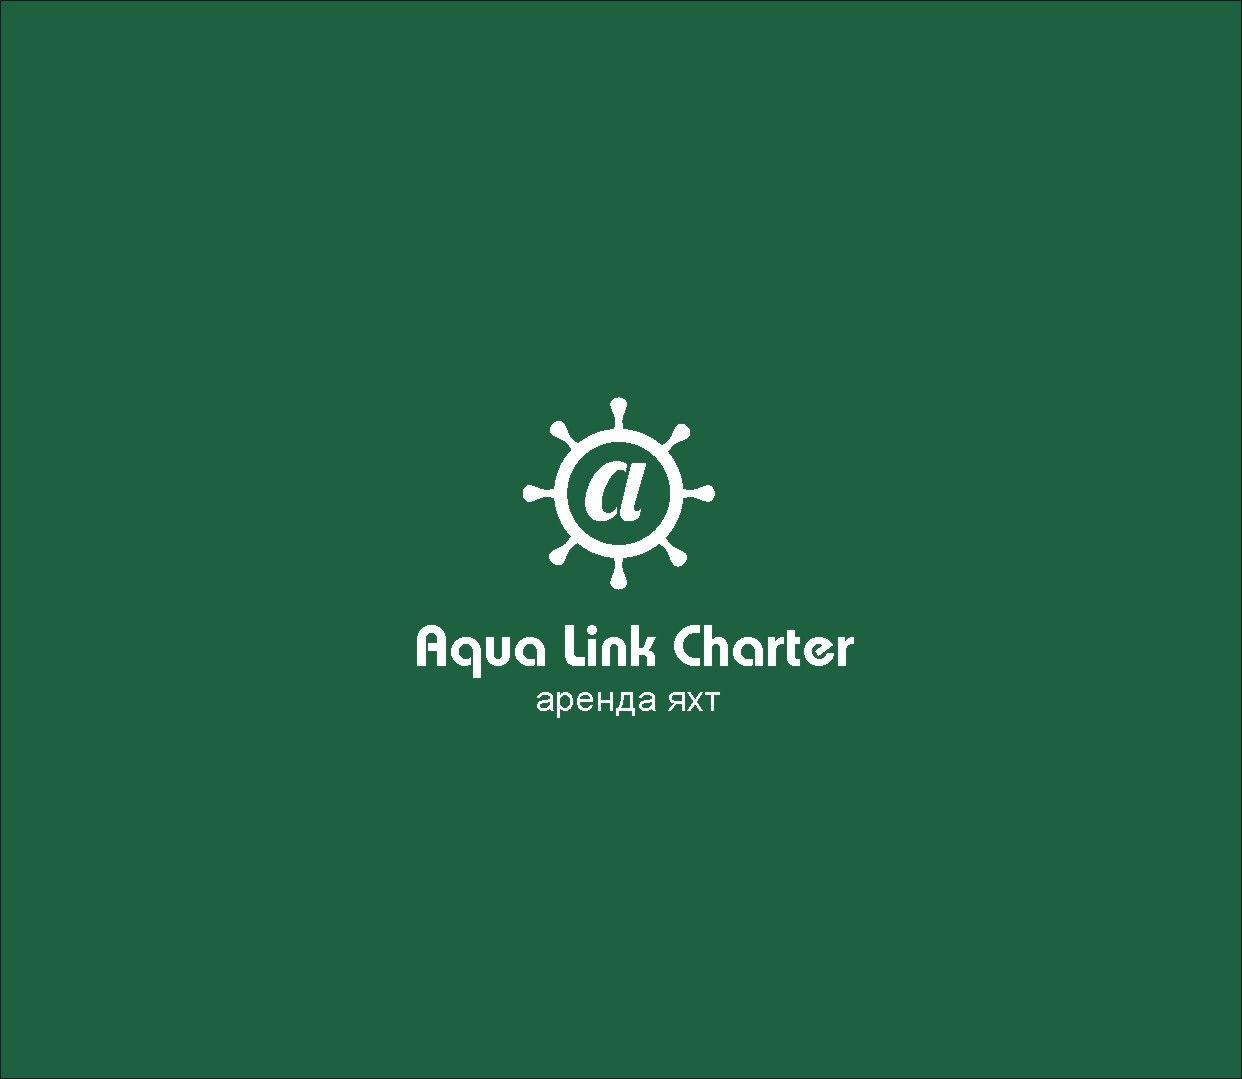 Аренда (чартер) парусных яхт - Aqua Link Charter - дизайнер radchuk-ruslan